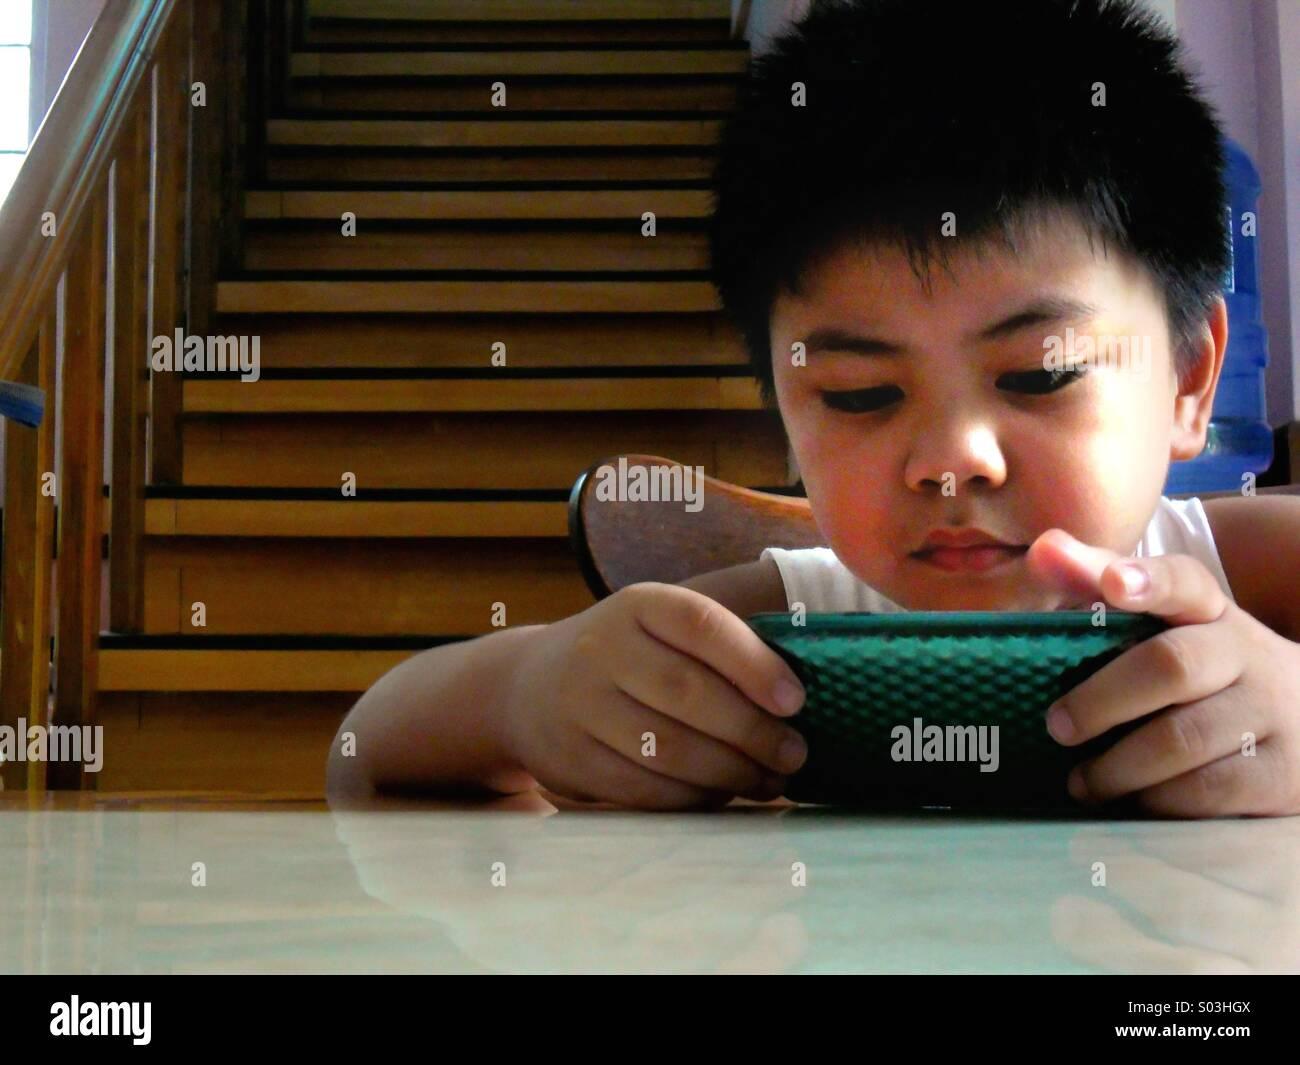 Junge asiatische Kind ansehen oder spielen auf einem Tablet Telefon Stockbild